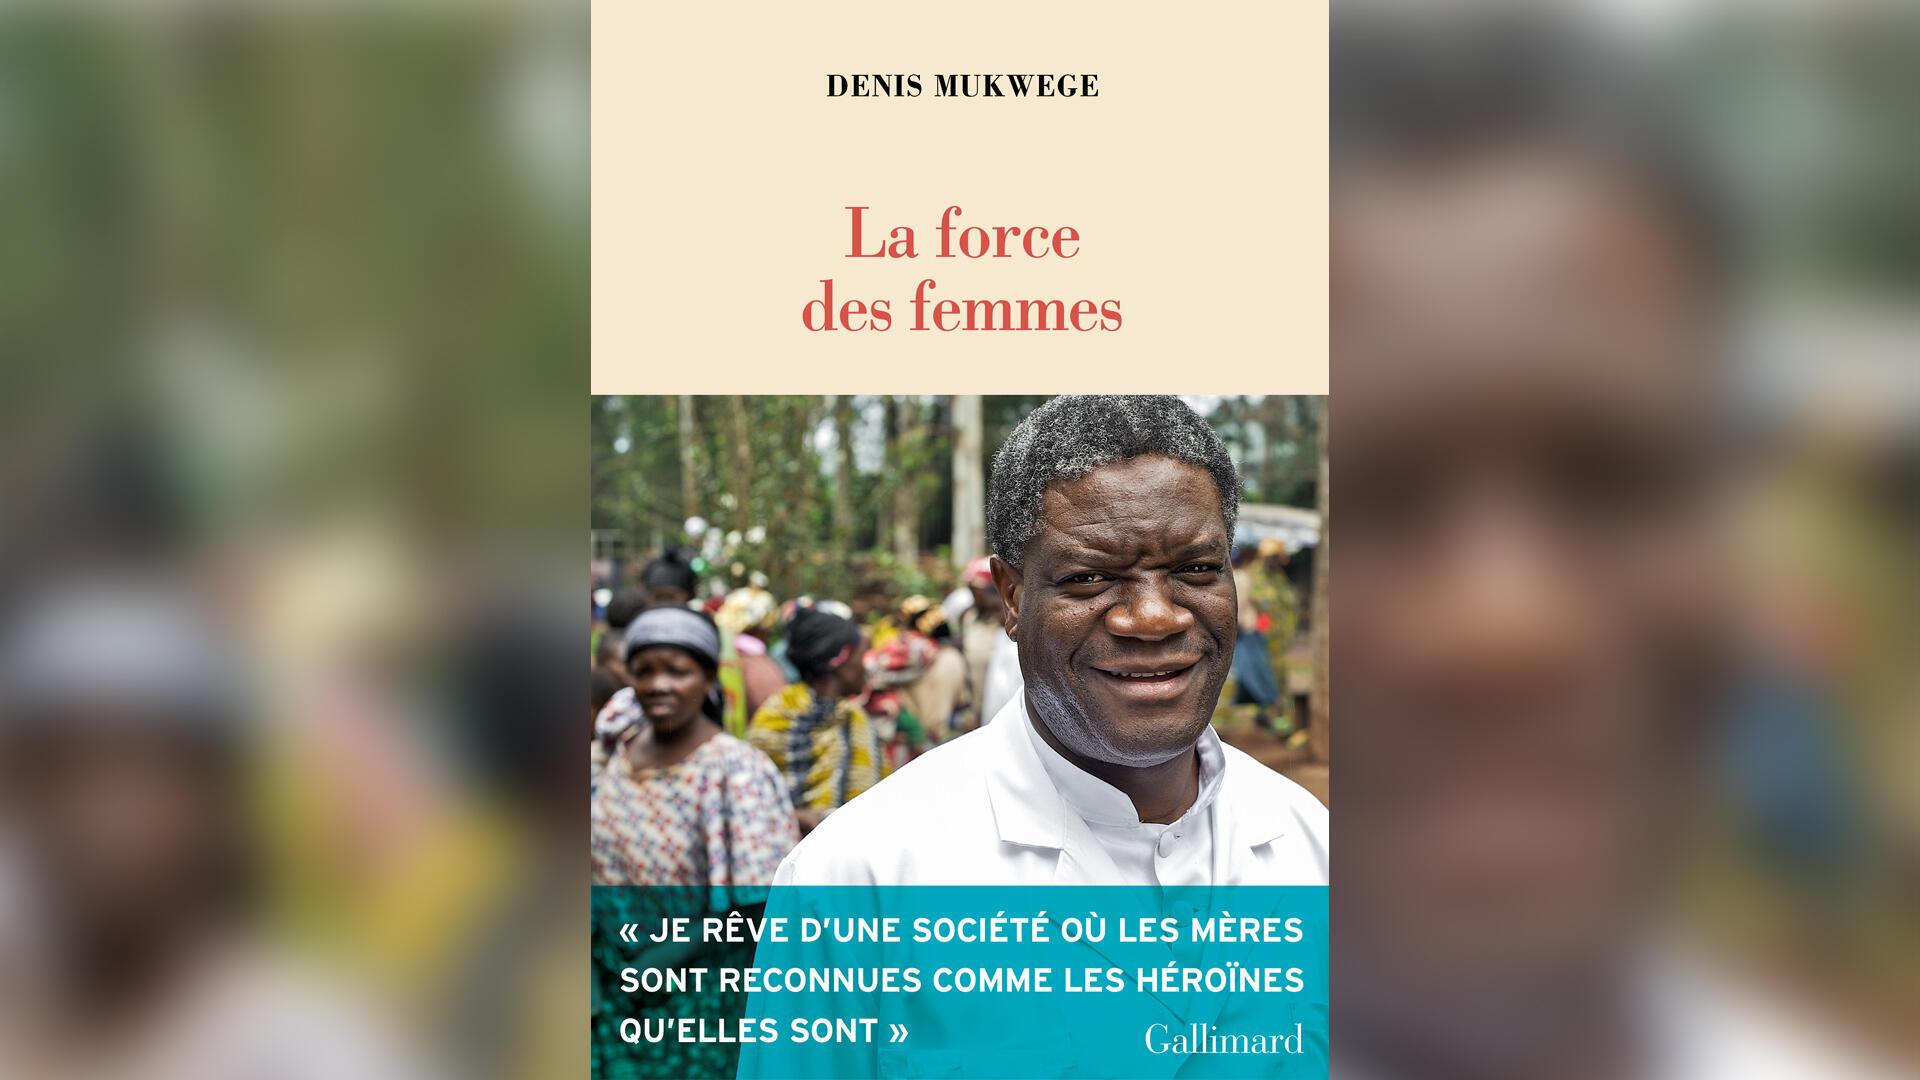 couverture - Docteur Denis Mukwege - La force des femmes - Gallimard - Idées